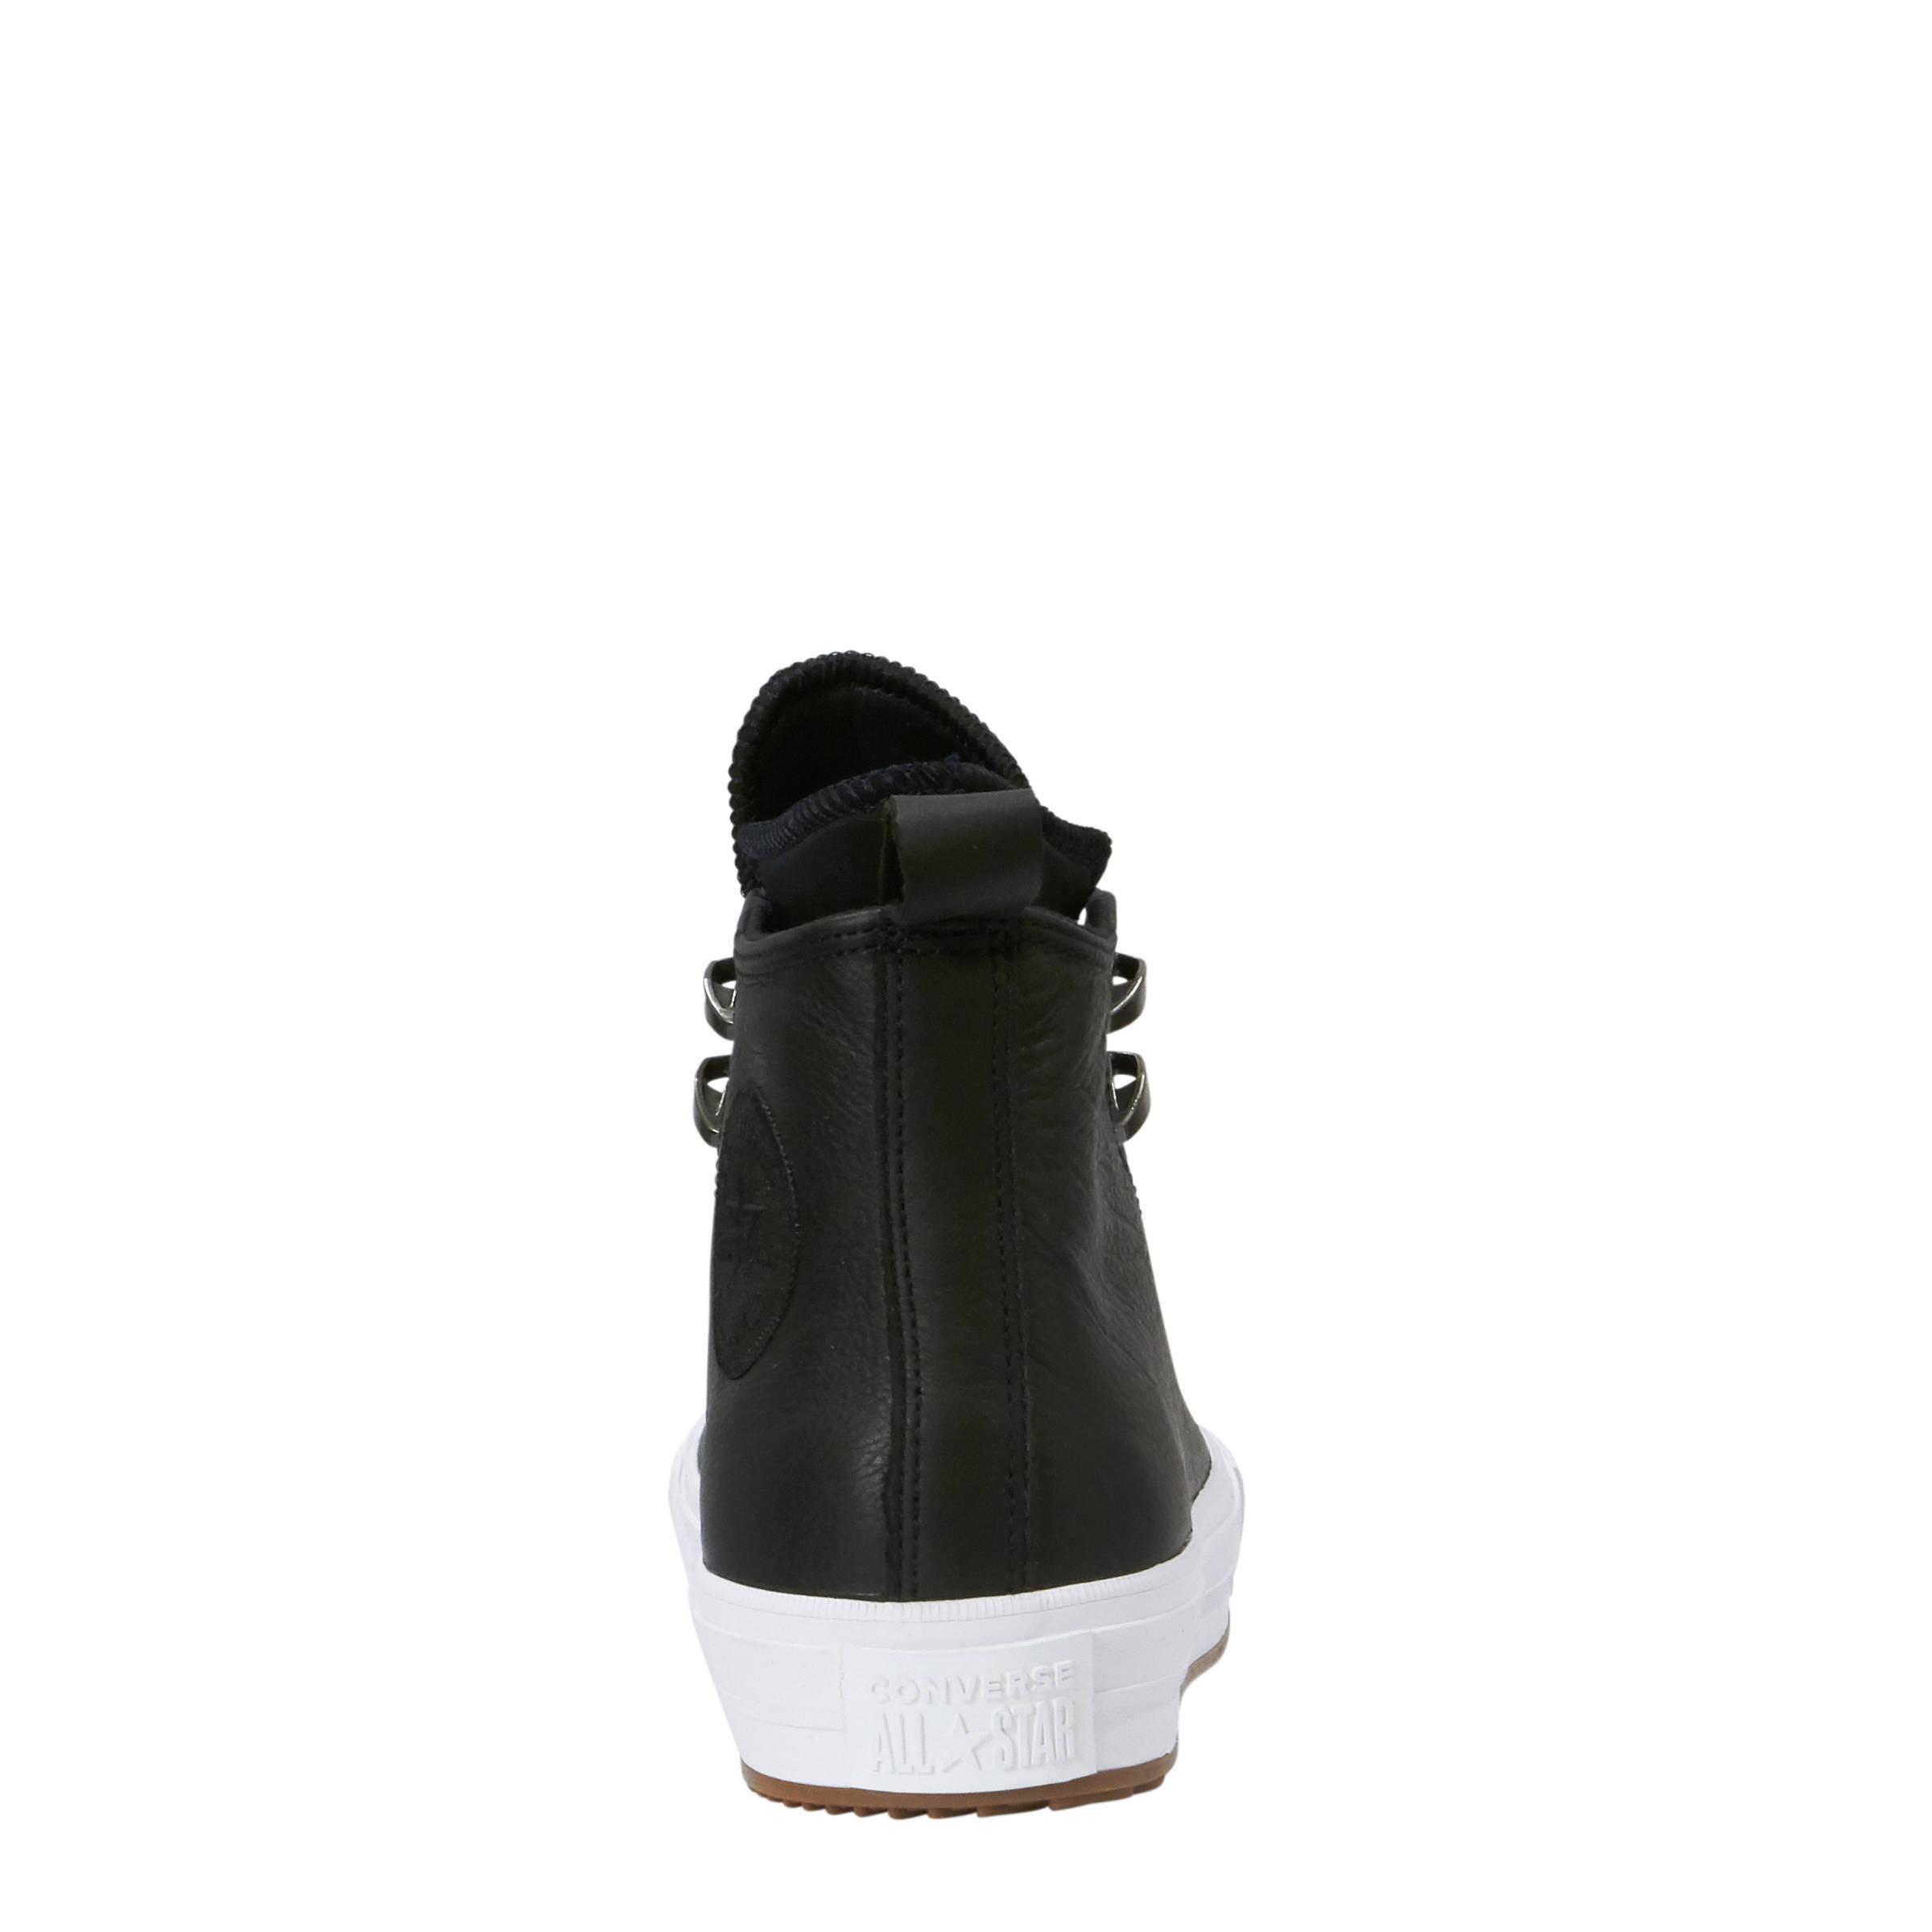 0d32a8f9237 Converse Chuck Taylor All Star WP boots leer zwart | wehkamp